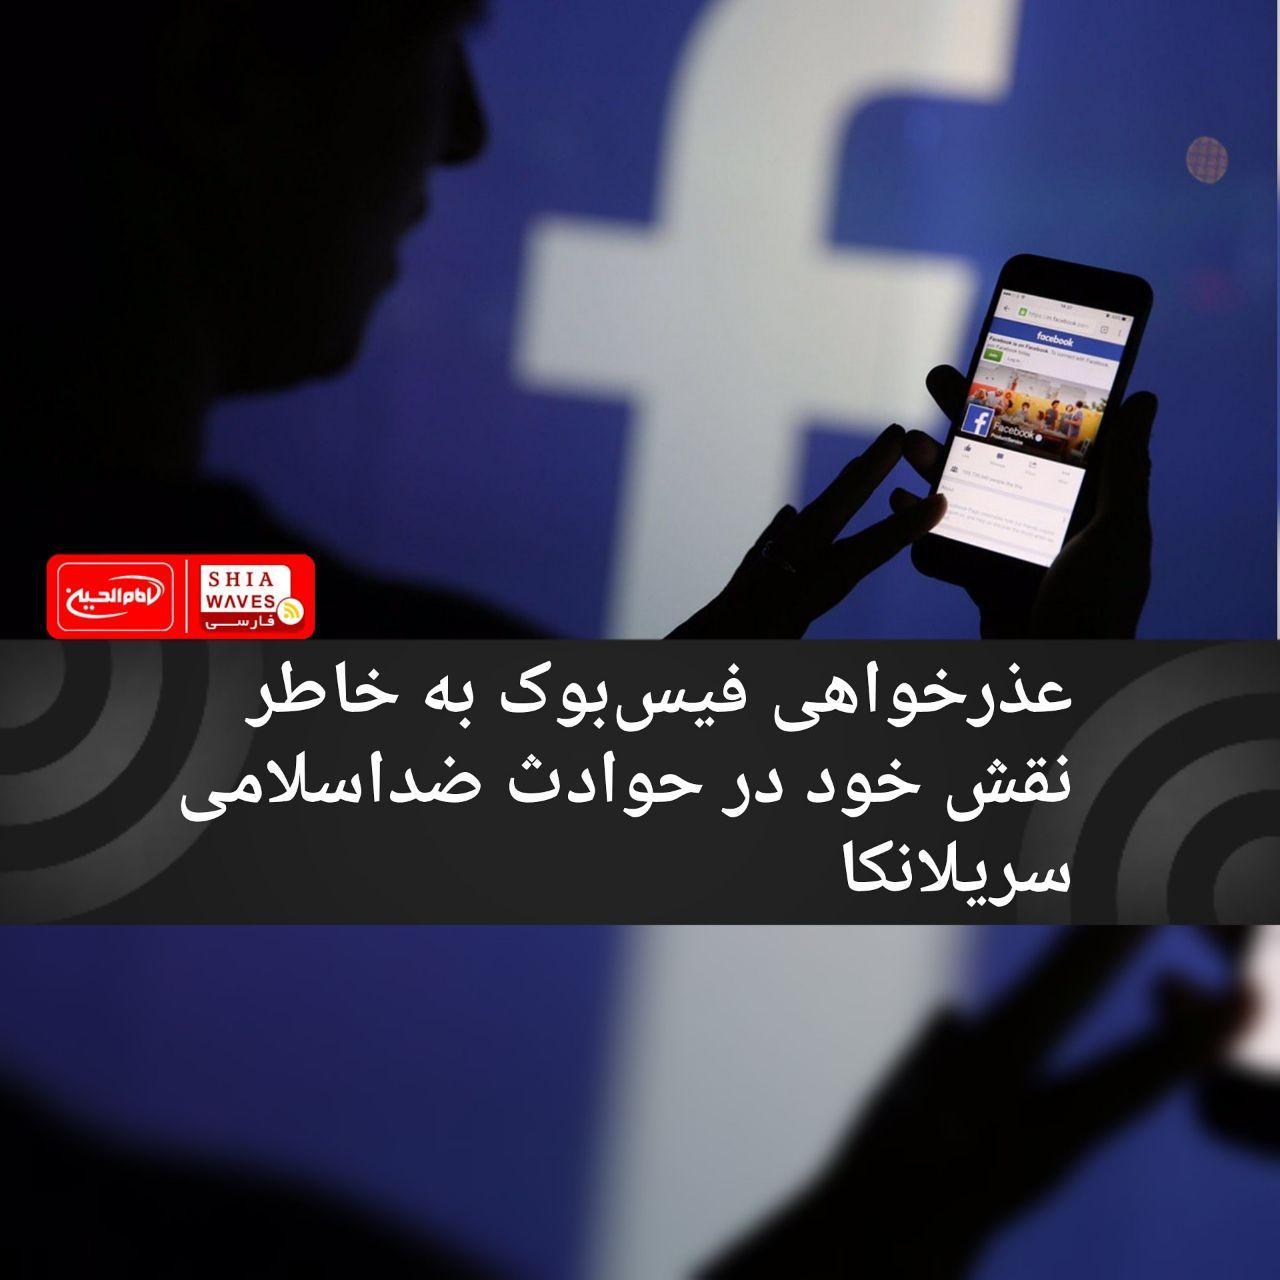 تصویر عذرخواهی فیسبوک به خاطر نقش خود در حوادث ضداسلامی سریلانکا